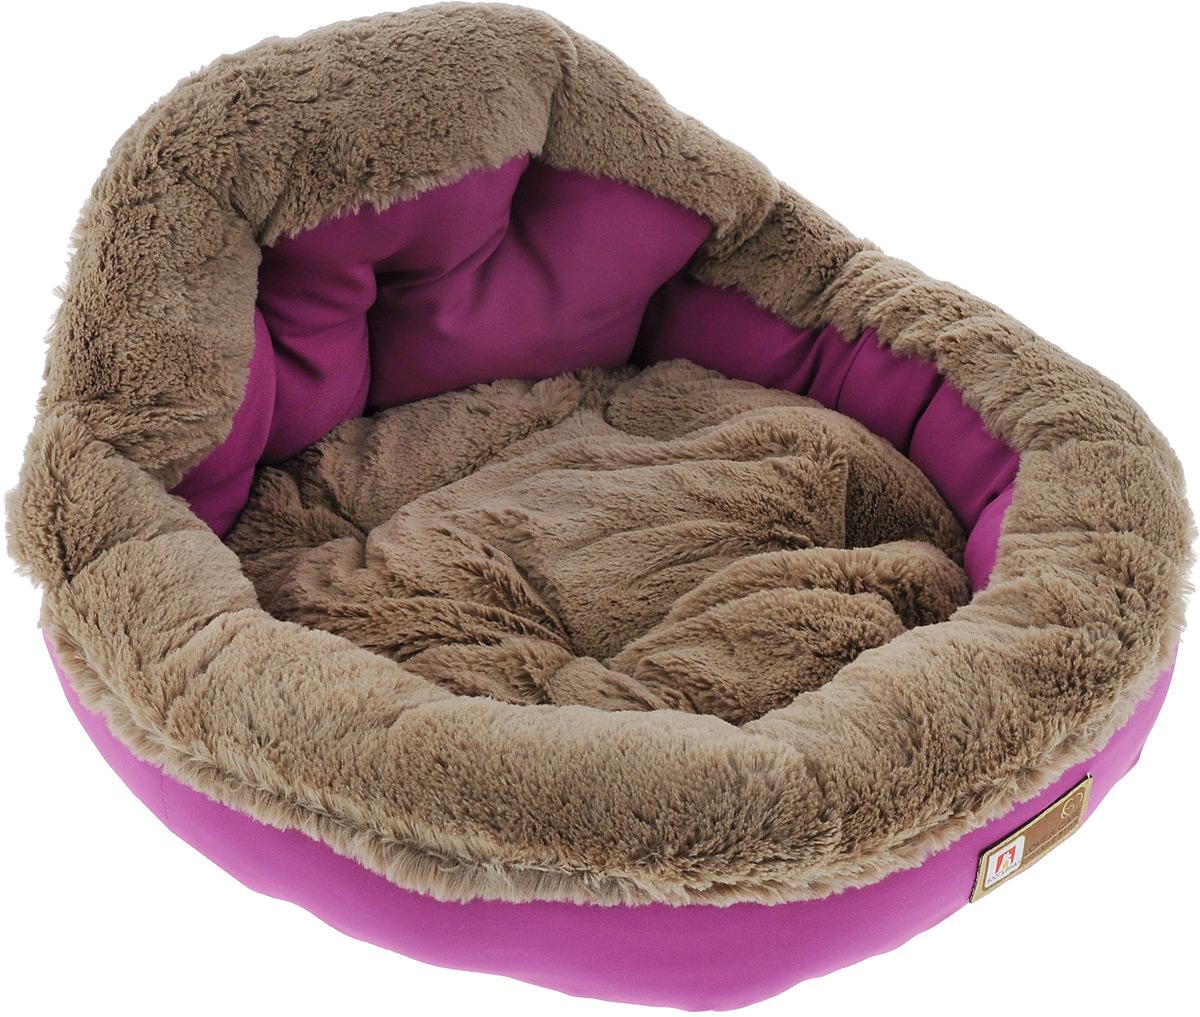 Лежак для собак и кошек Зоогурман Президент, цвет: розовый, 45 см х 45 см х 20 см2182Мягкий и уютный лежак для кошек и собак Зоогурман Президент обязательно понравится вашему питомцу. Лежак выполнен из нежного, приятного материала. Внутри - мягкий наполнитель, который не теряет своей формы долгое время. Внутри лежака съемная меховая подушка. Мягкий, приятный и теплый лежак обеспечит вашему любимцу уют и комфорт. За изделием легко ухаживать, можно стирать вручную или в стиральной машине при температуре 40°С. Материал бортиков: микроволоконная шерстяная ткань. Материал спинки и матрасика: искусственный мех. Наполнитель: гипоаллергенное синтетическое волокно. Размер: 45 см х 45 см х 20 см.